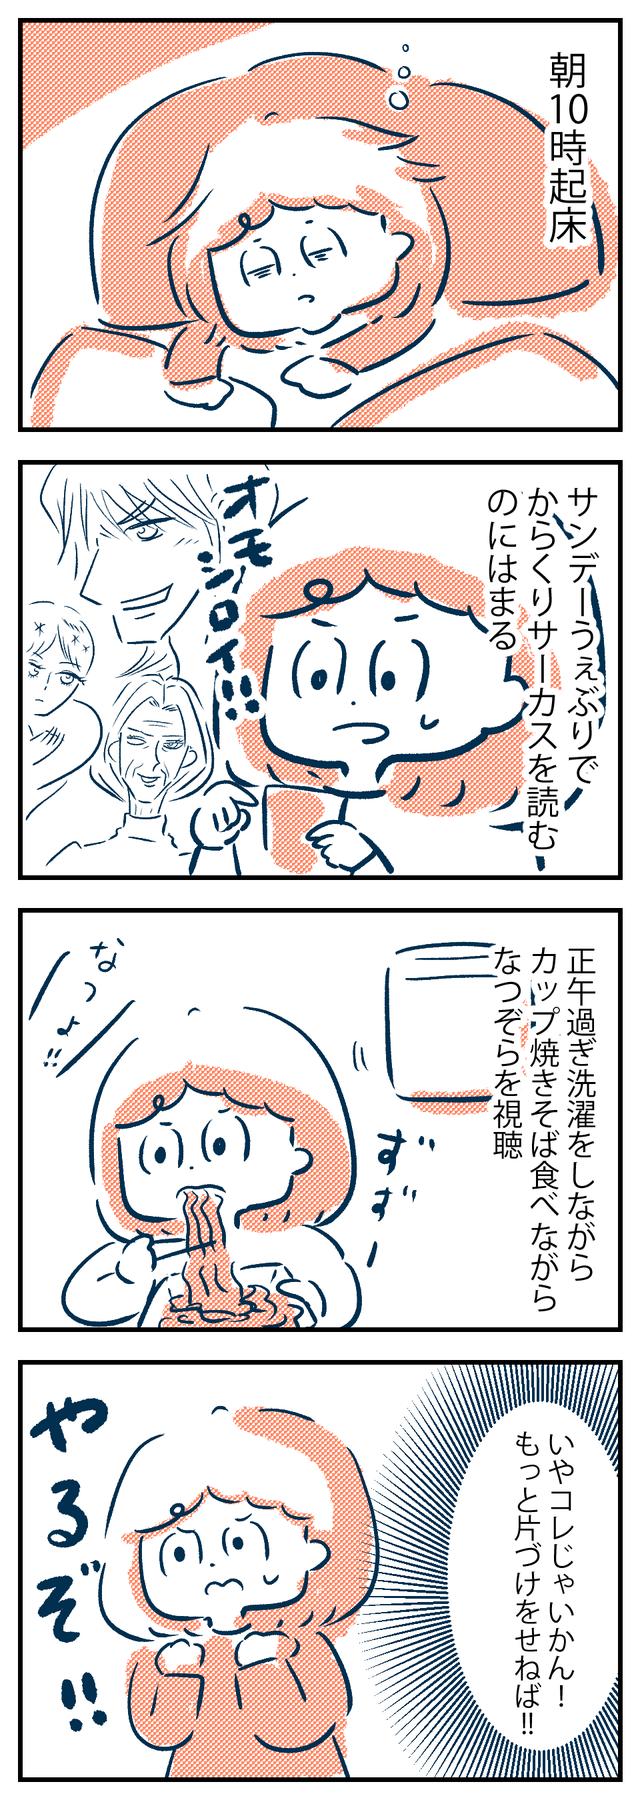 nenza01